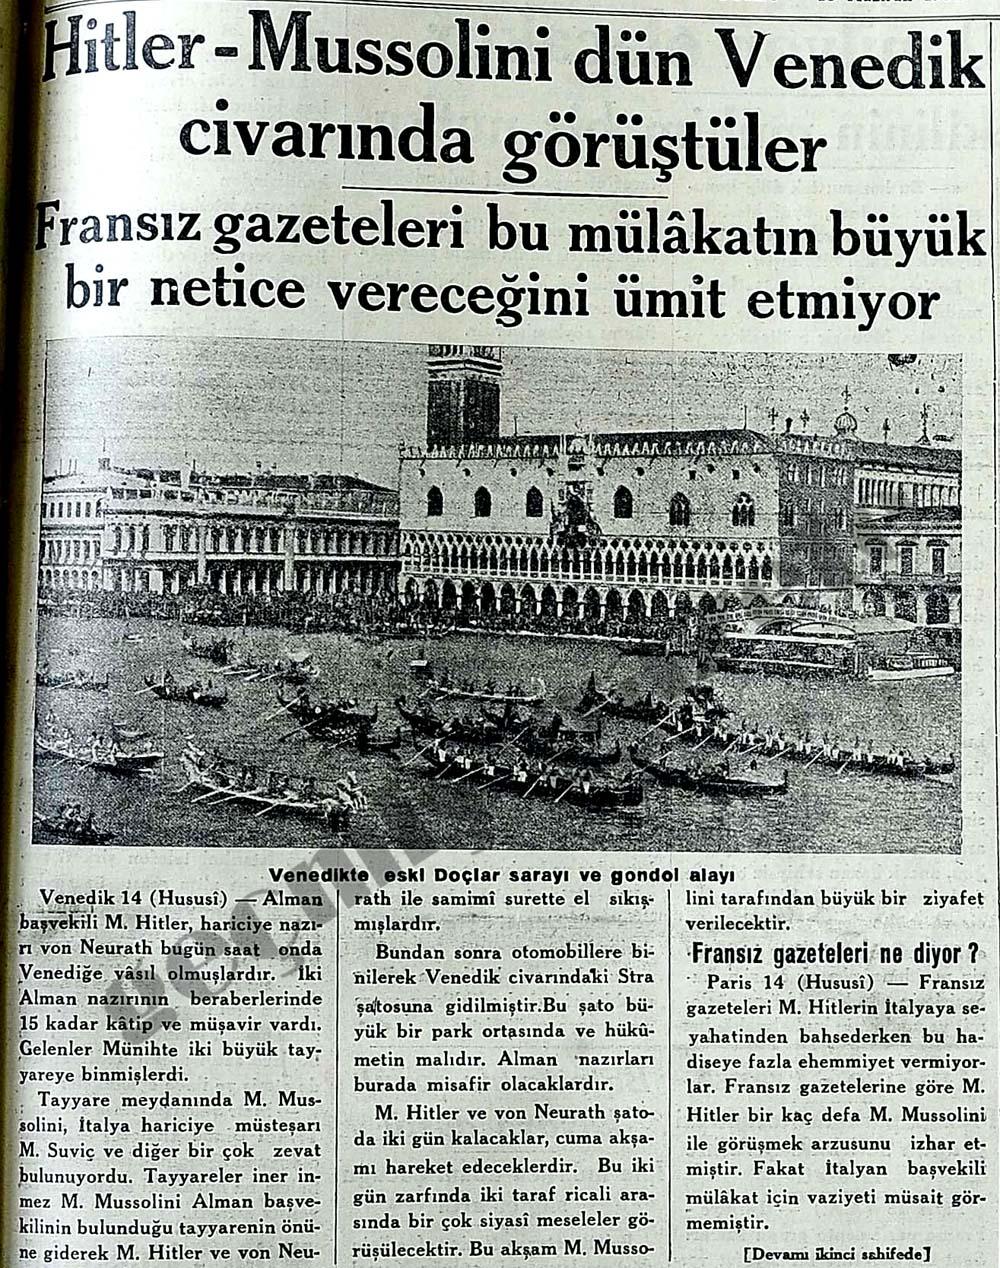 Hitler - Mussolini dün Venedik civarında görüştüler